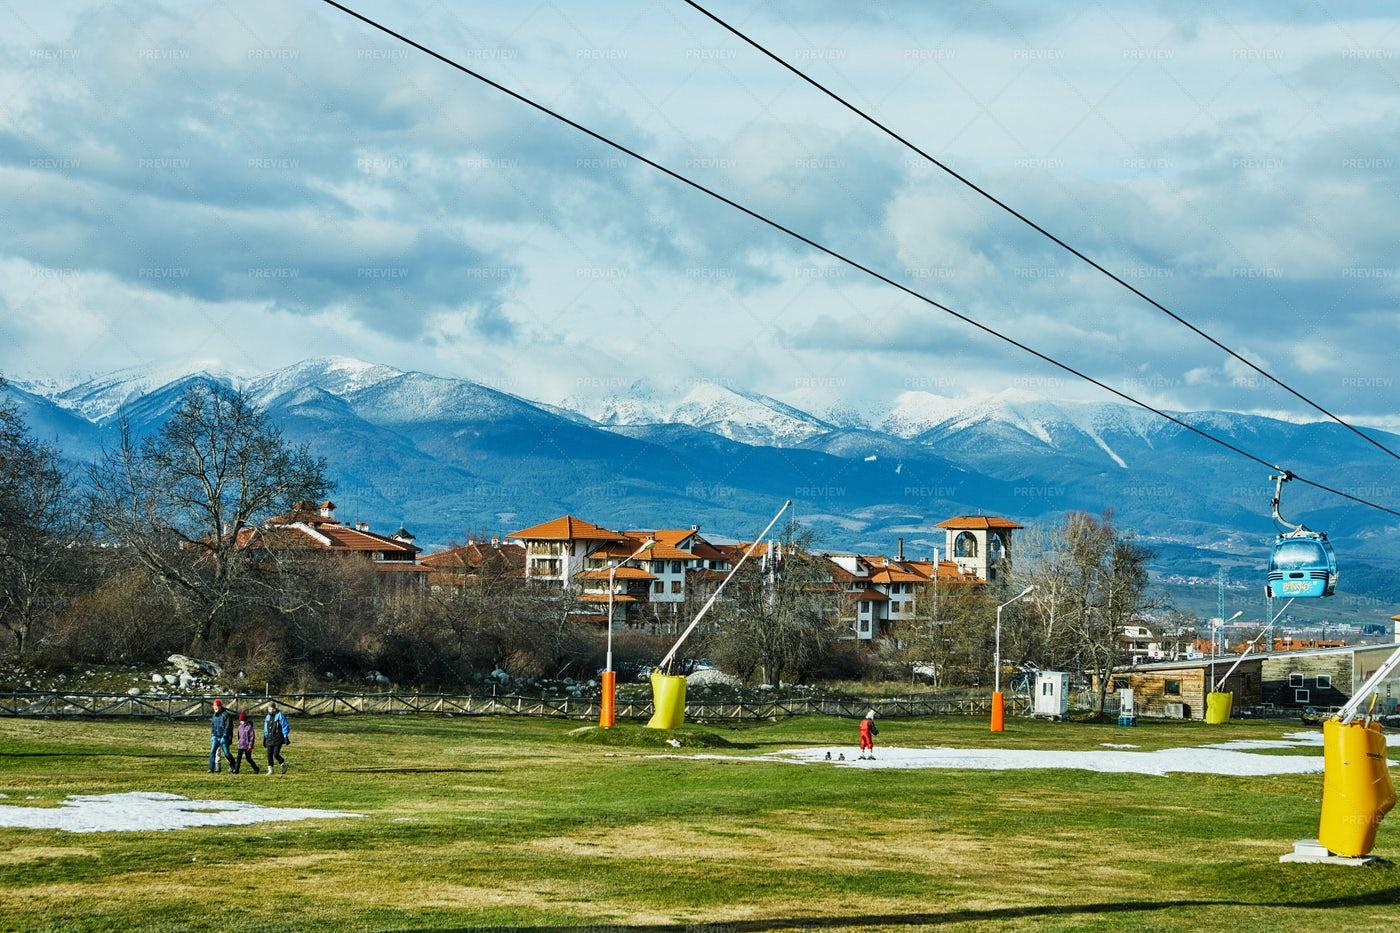 Bulgarian Ski Resort: Stock Photos